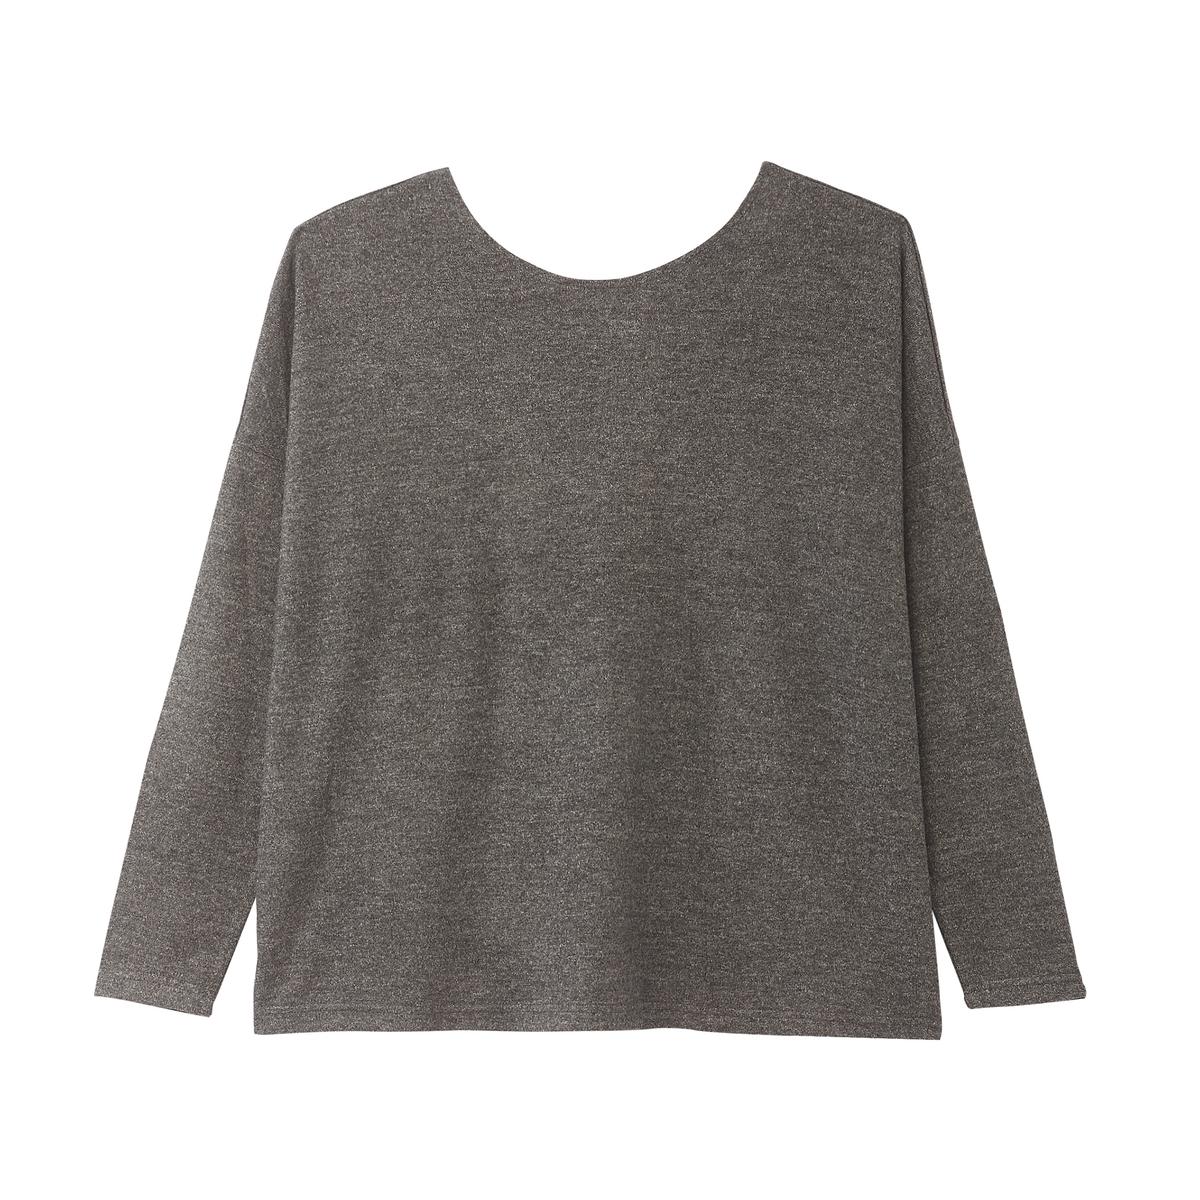 Пуловер La Redoute С круглым вырезом из тонкого трикотажа перекрещенная спинка M серый пуловер la redoute с круглым вырезом из тонкого трикотажа m красный